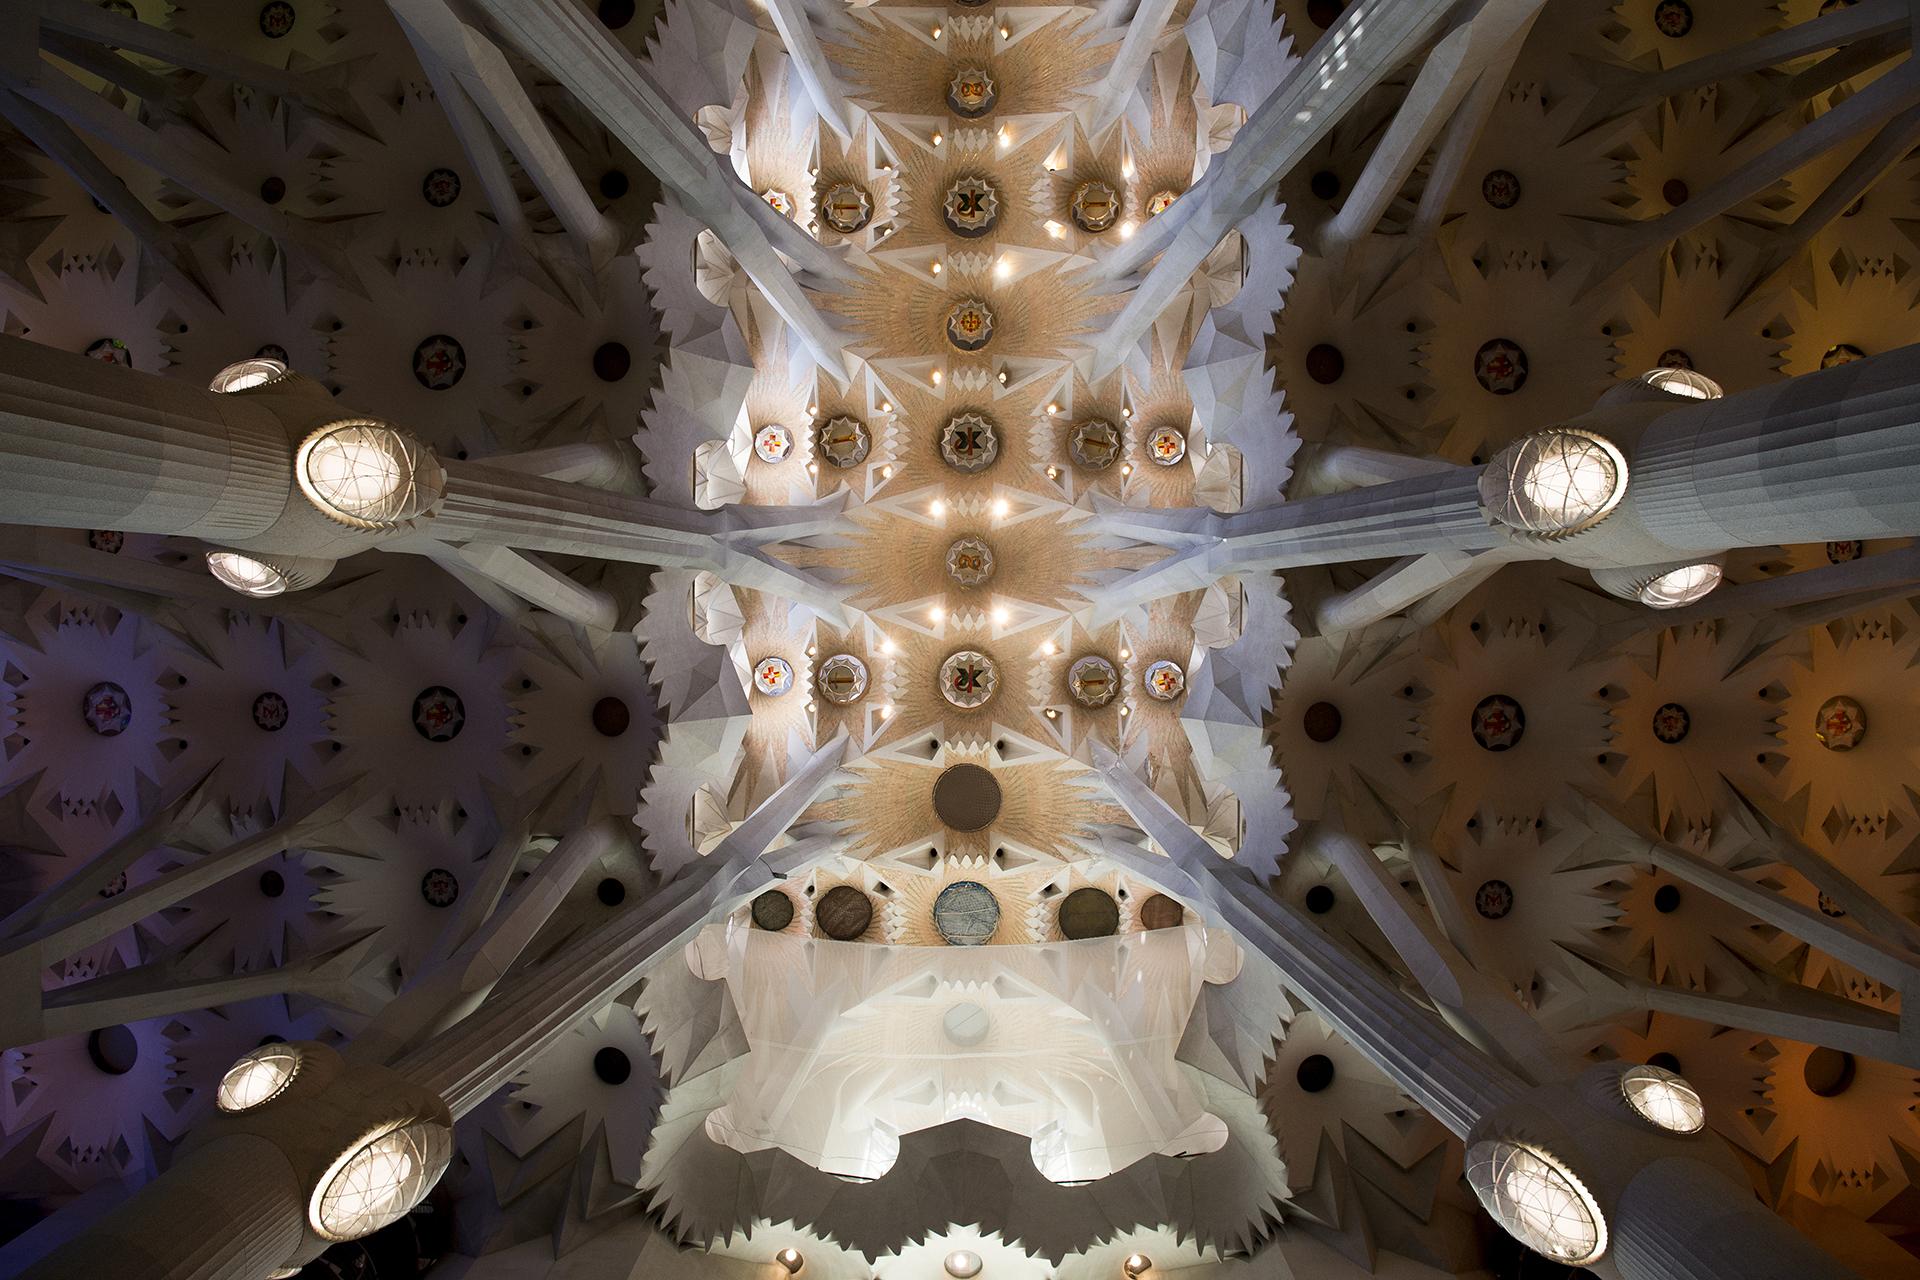 """Detalle del techo de la basílica """"Sagrada Familia"""" (Sagrada Familia), diseñado por Antoni Gaudí"""